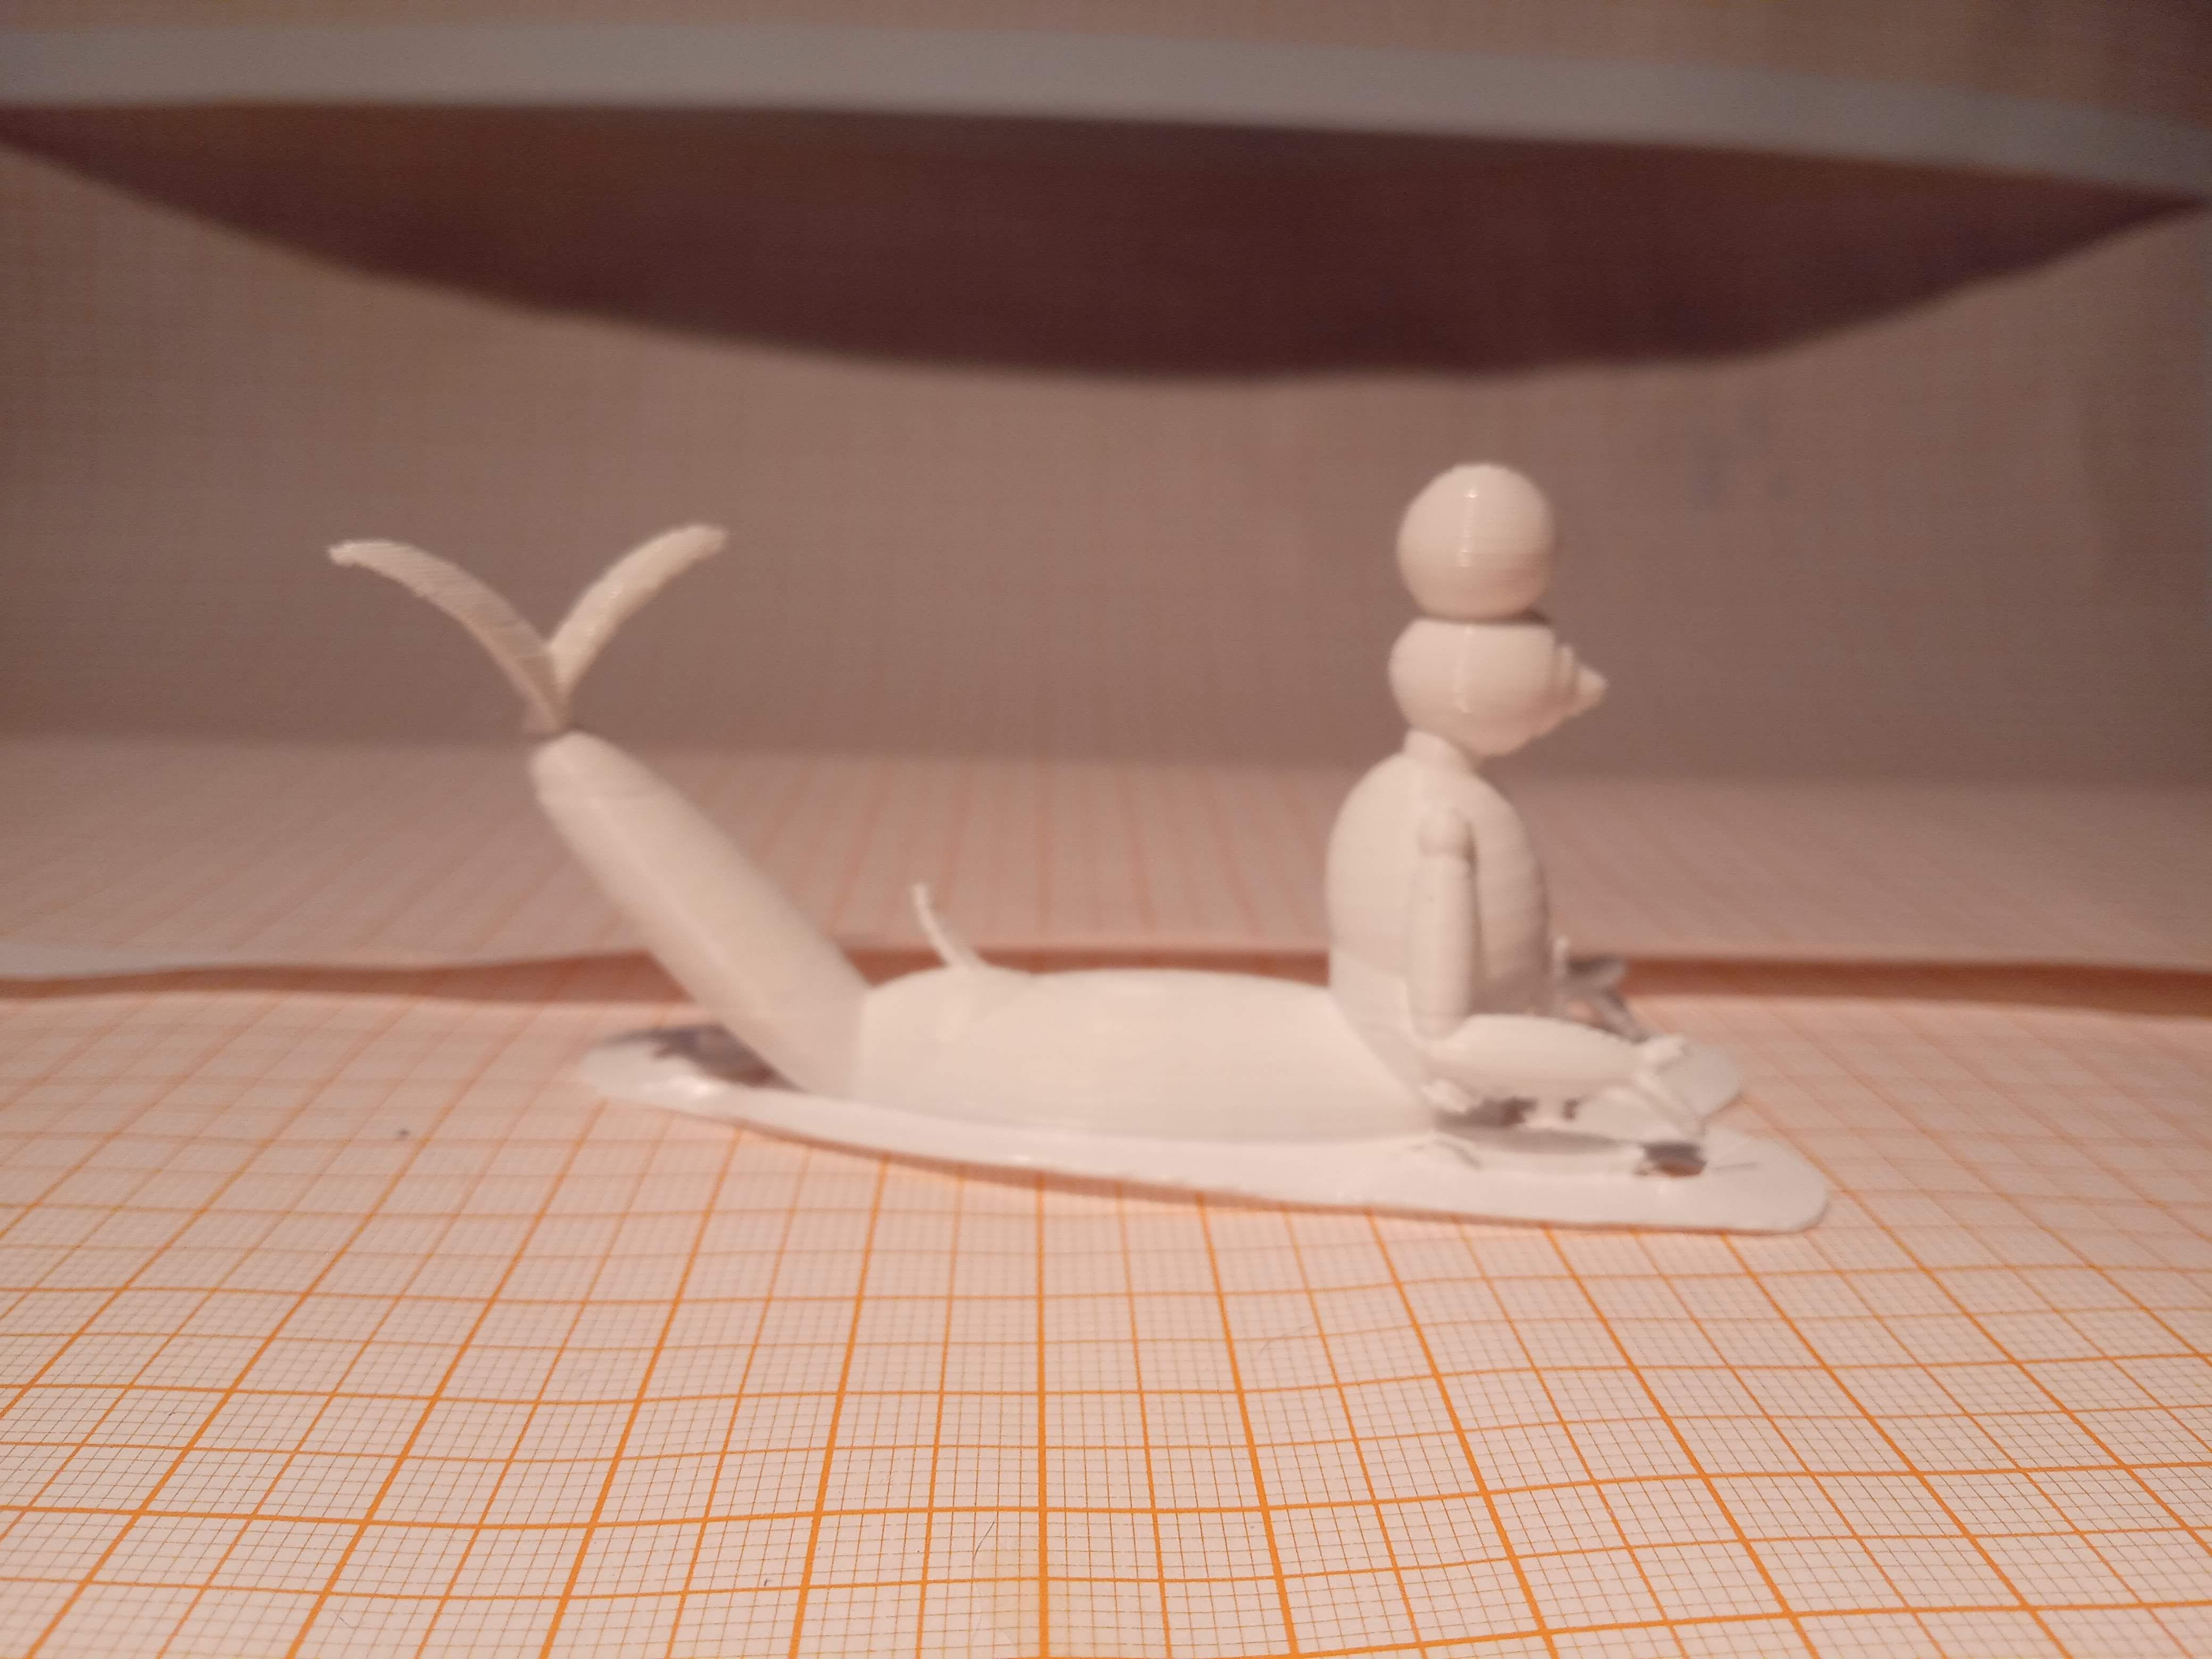 Toyart branco impresso em 3D de um tritão de armadura com um fruto redondo na cabeça visto de lado